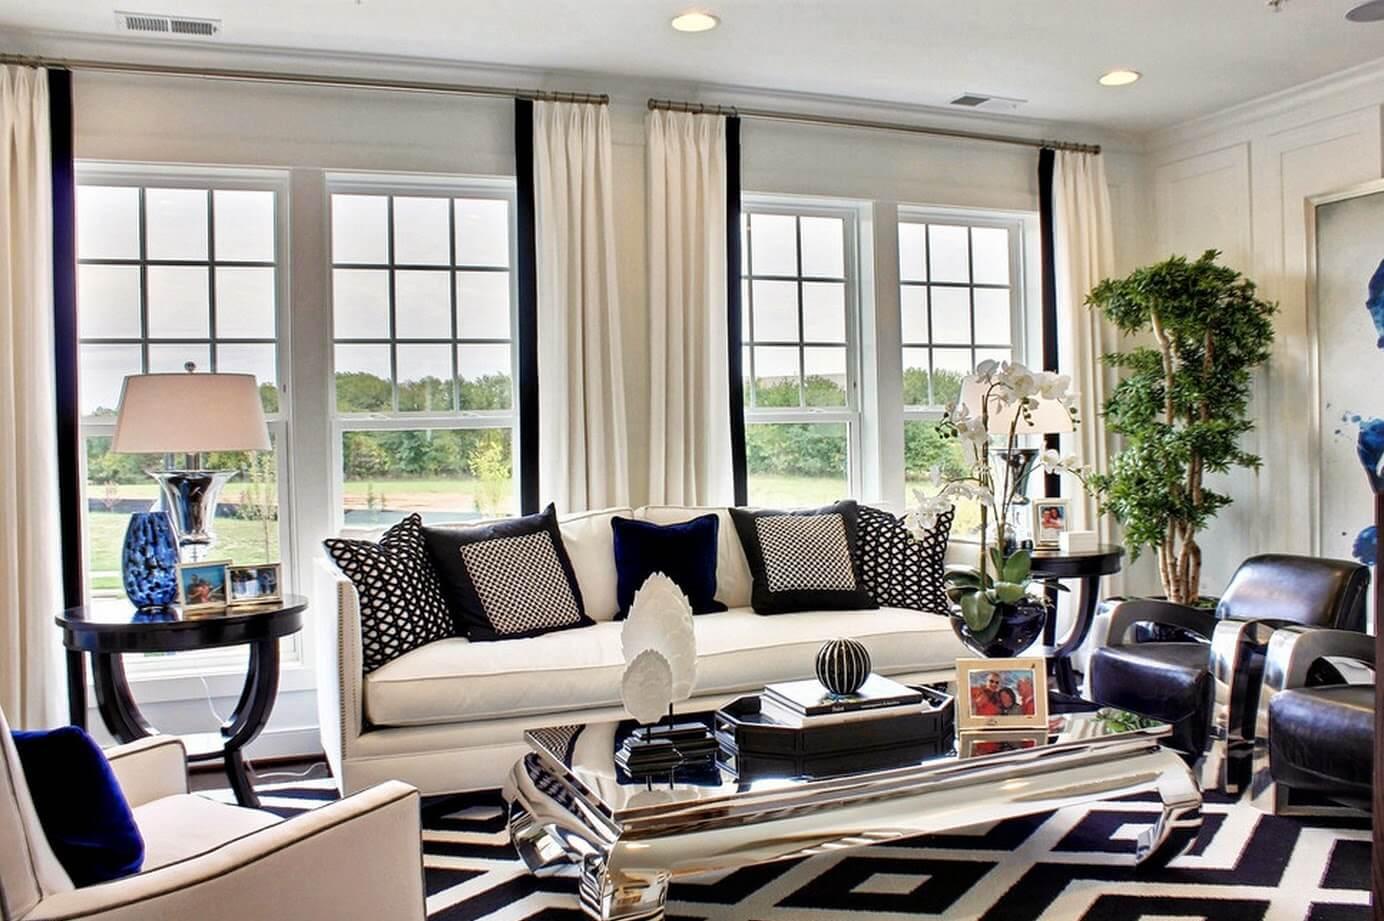 Căn phòng khách này không quá thể hiện hai gam màu khi mới nhìn lướt qua, nhưng về mặt thiết kế thì lại vô cùng đơn giản mà sang trọng.